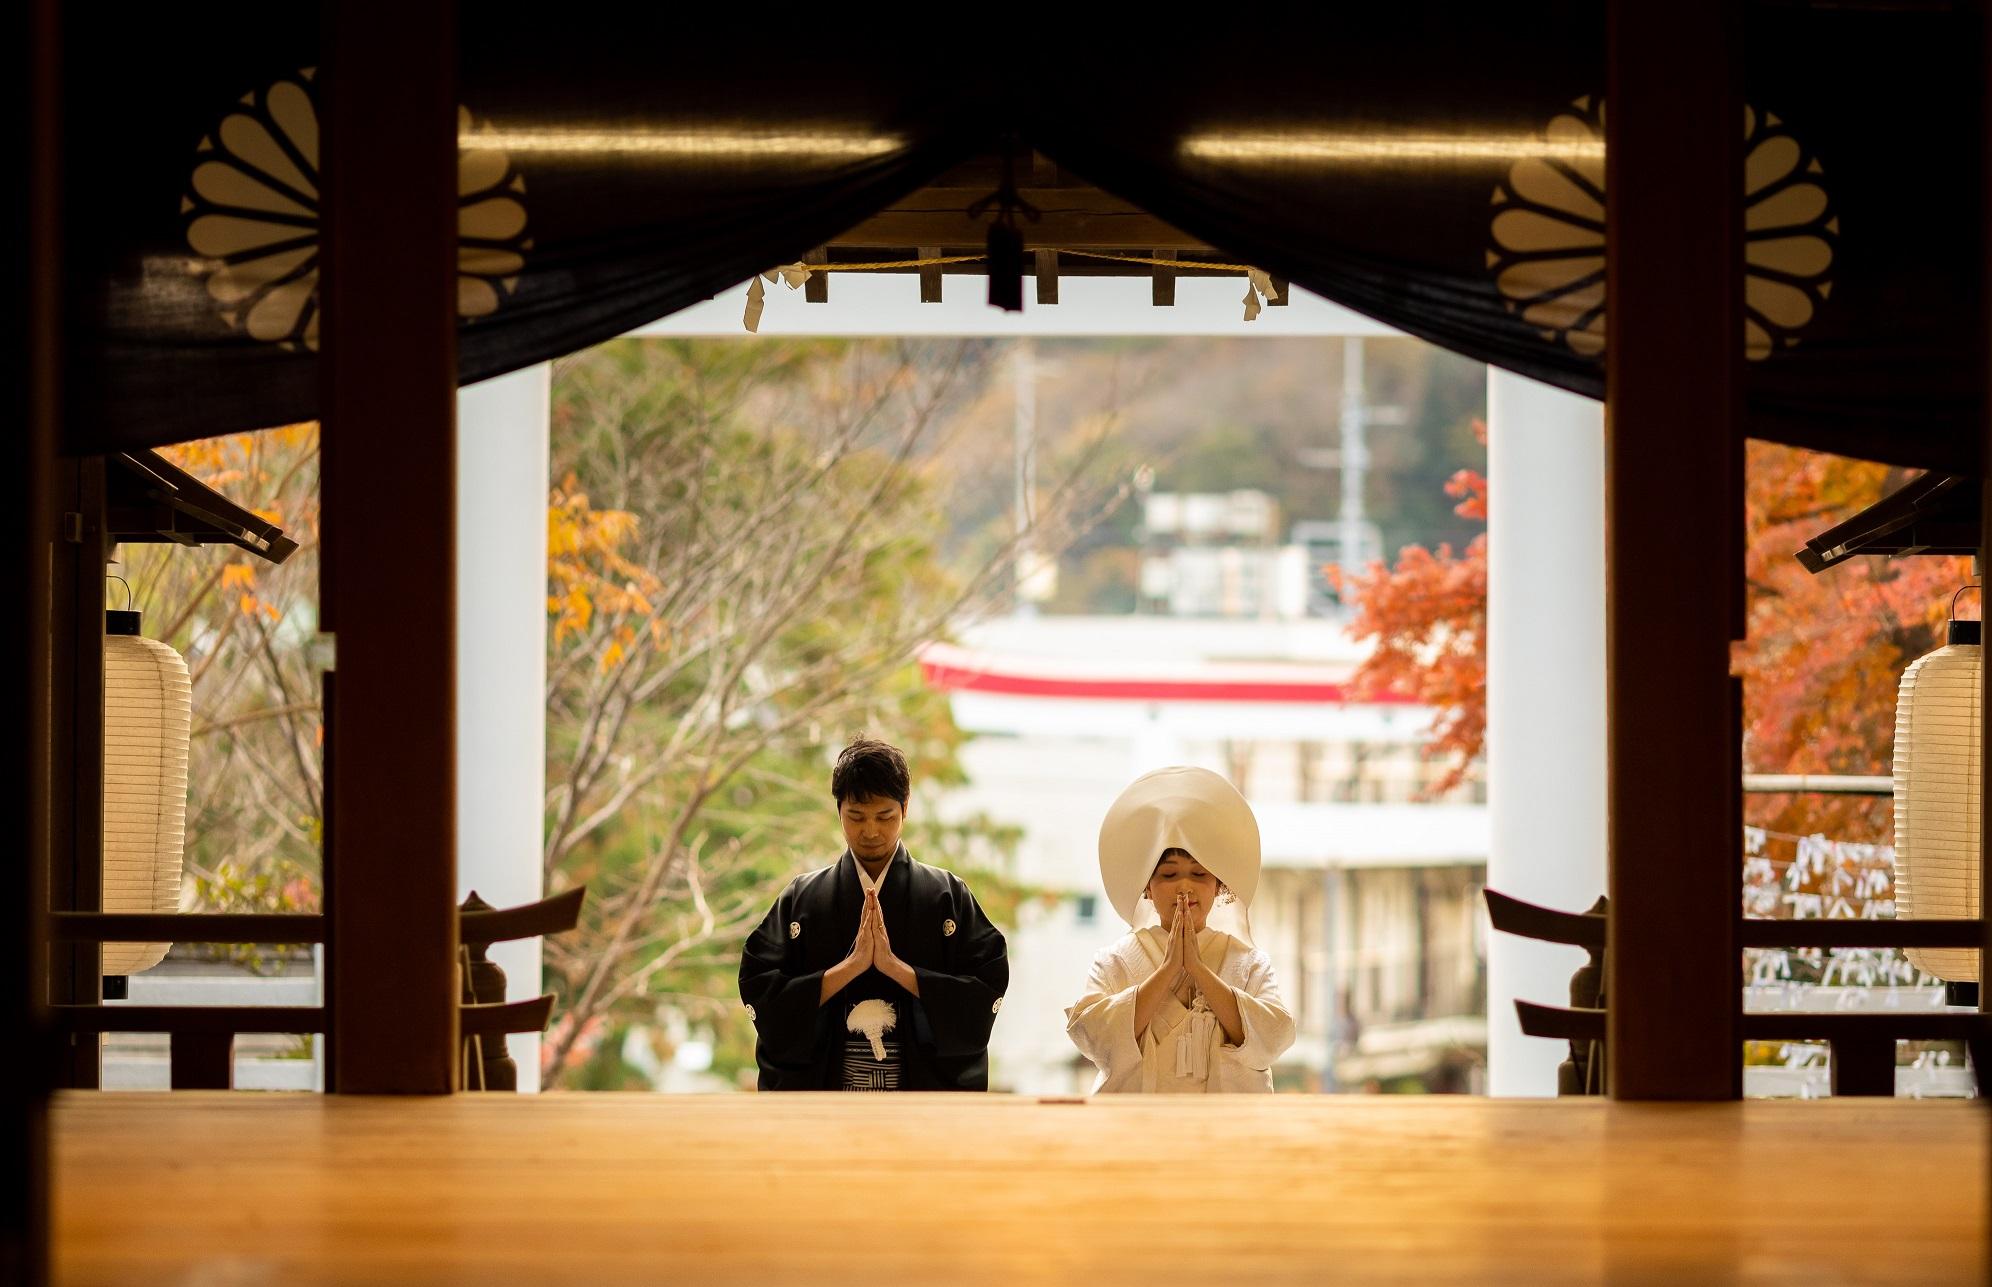 【鎌倉古今】<br/>鎌倉宮挙式×食事会プラン